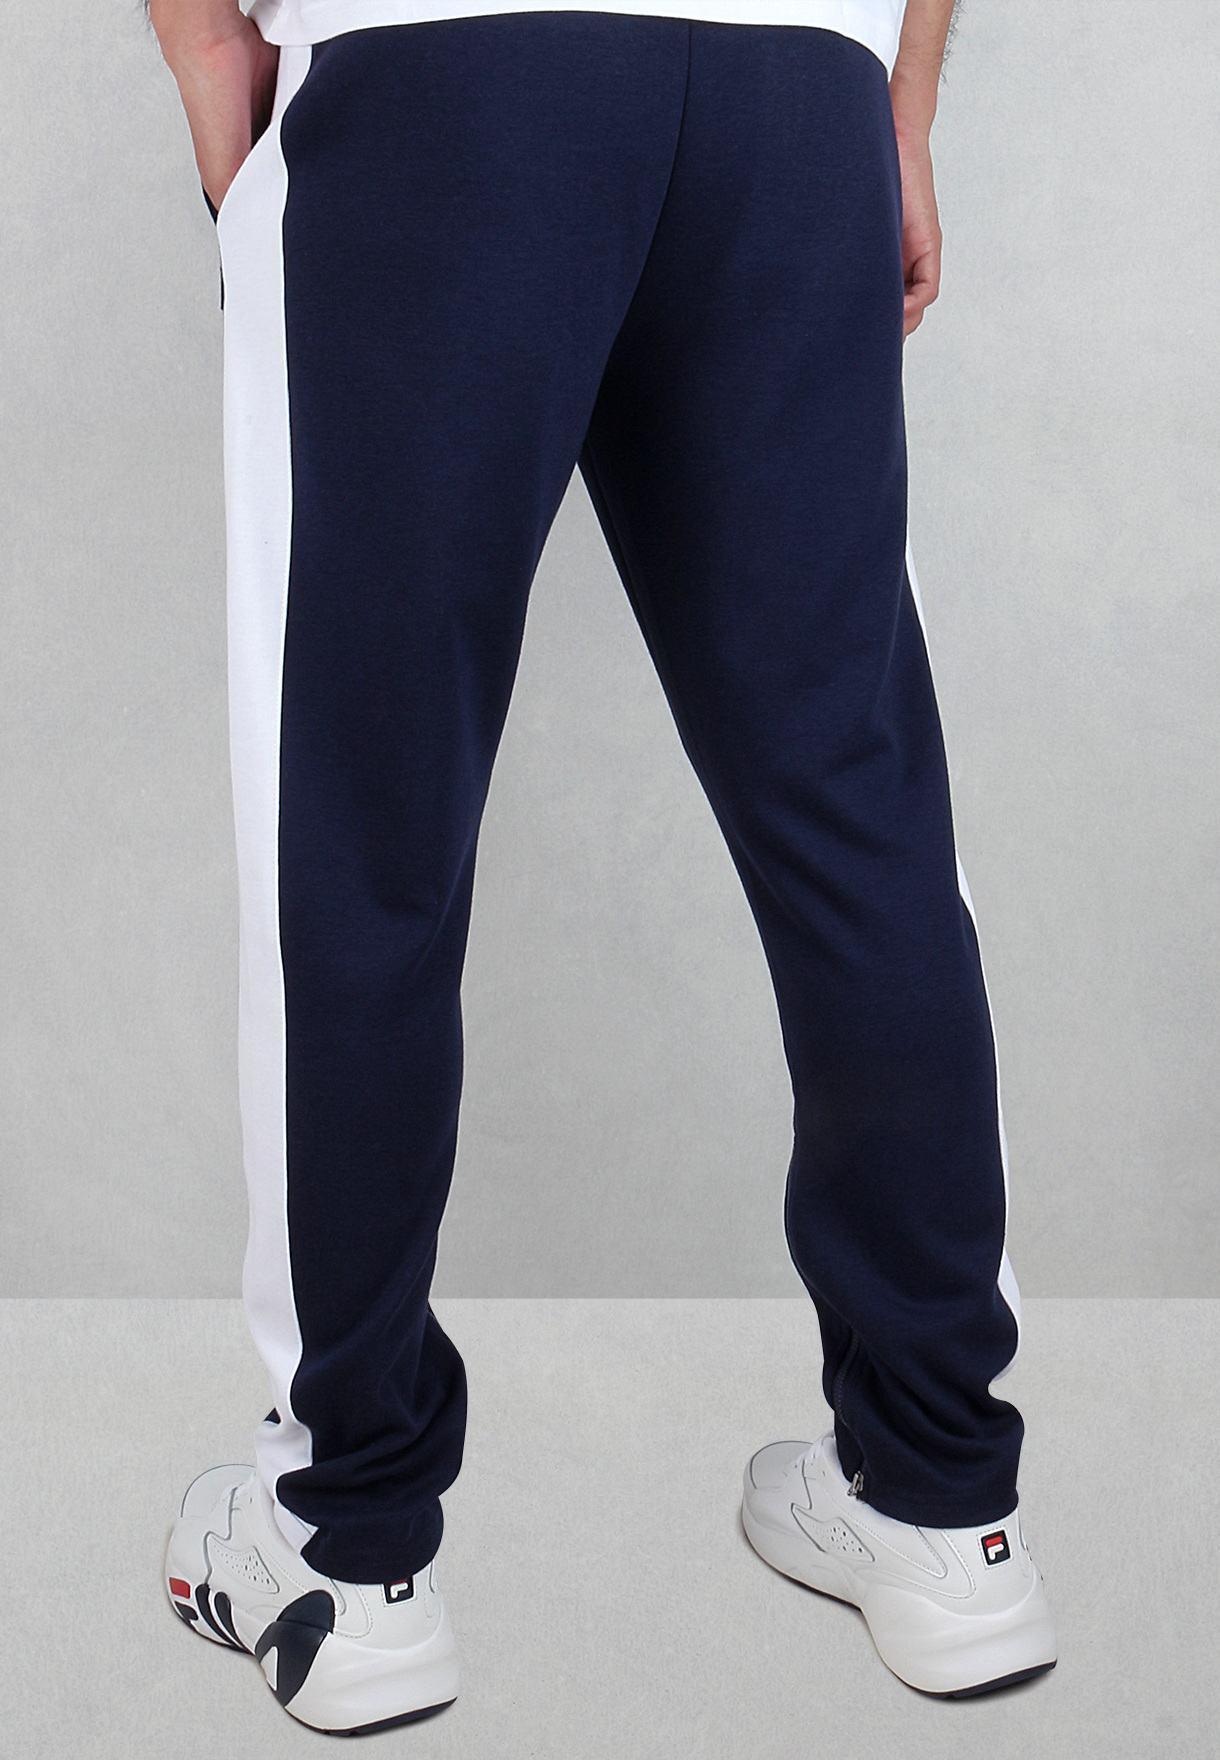 Setter Slim Sweatpants